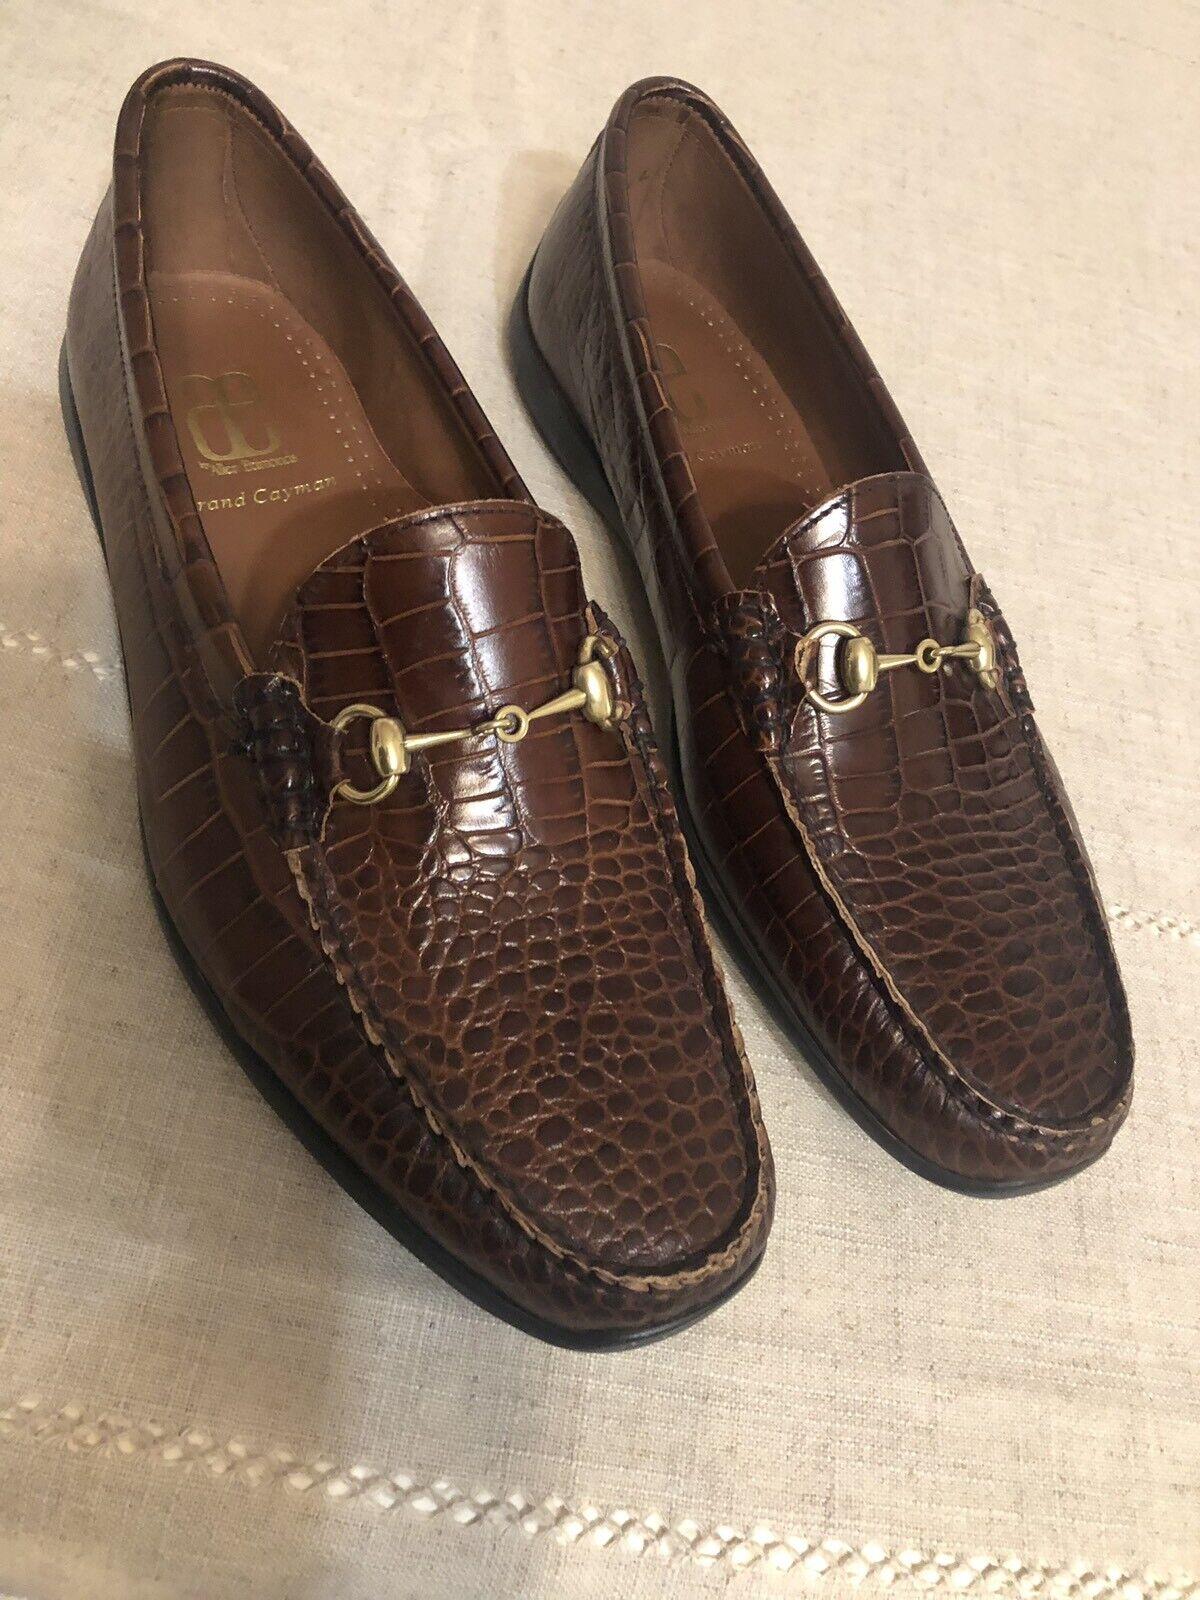 Allen Edmonds Grand Cayhomme marron Horsebit Loafers